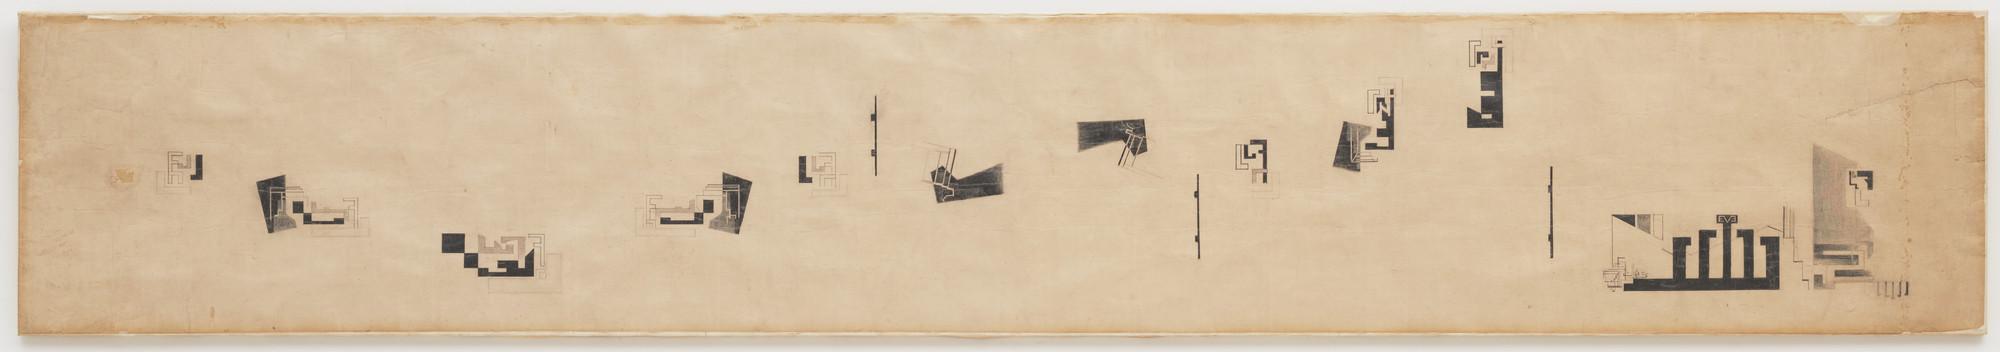 Ny Hans Richter. Fugue (Fuge). 1920 | MoMA ZO13